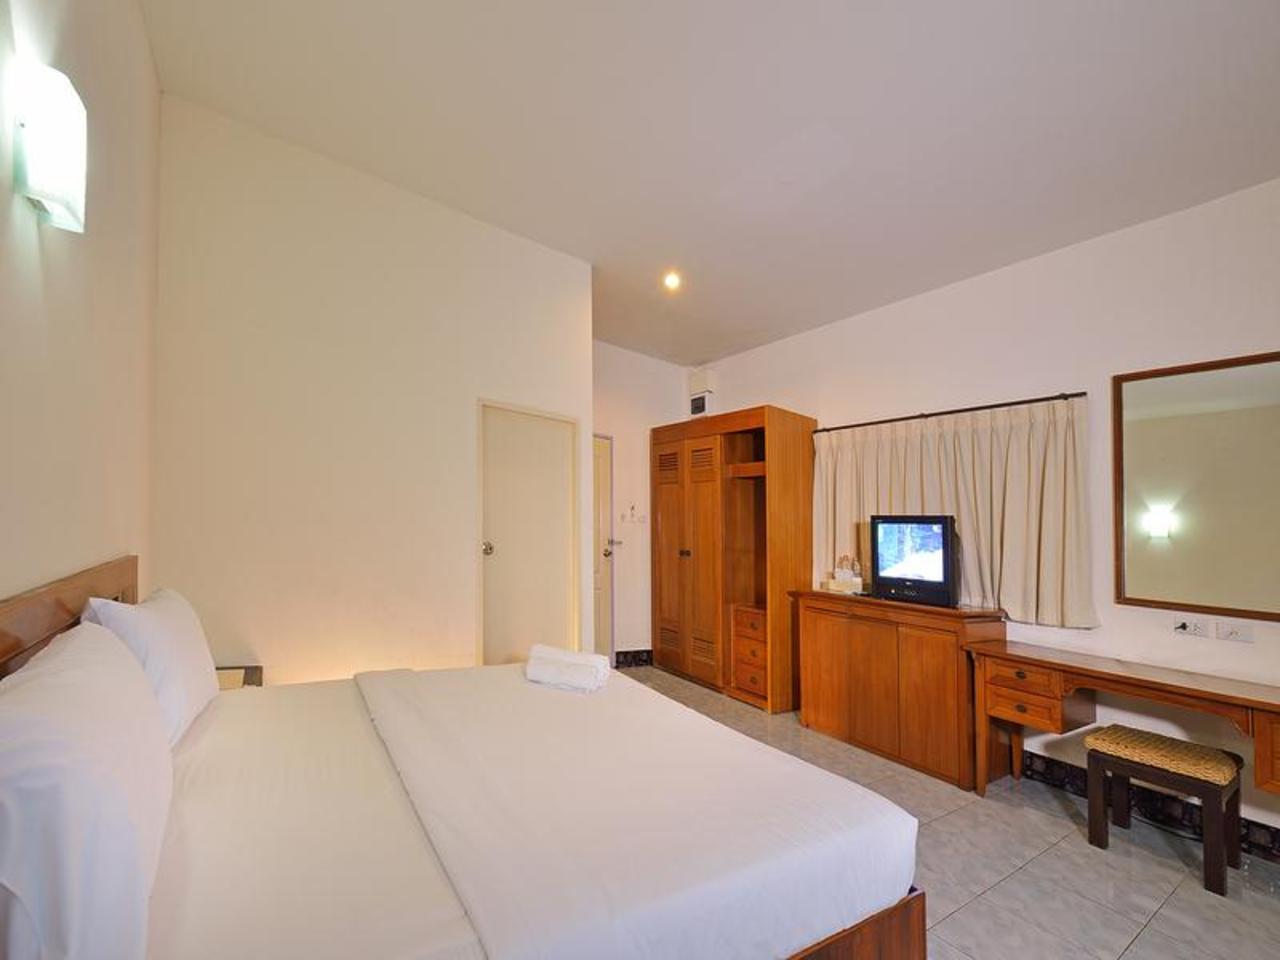 โรงแรมกระบี่ แกรนด์ เพลซ (Krabi Grand Place Hotel)